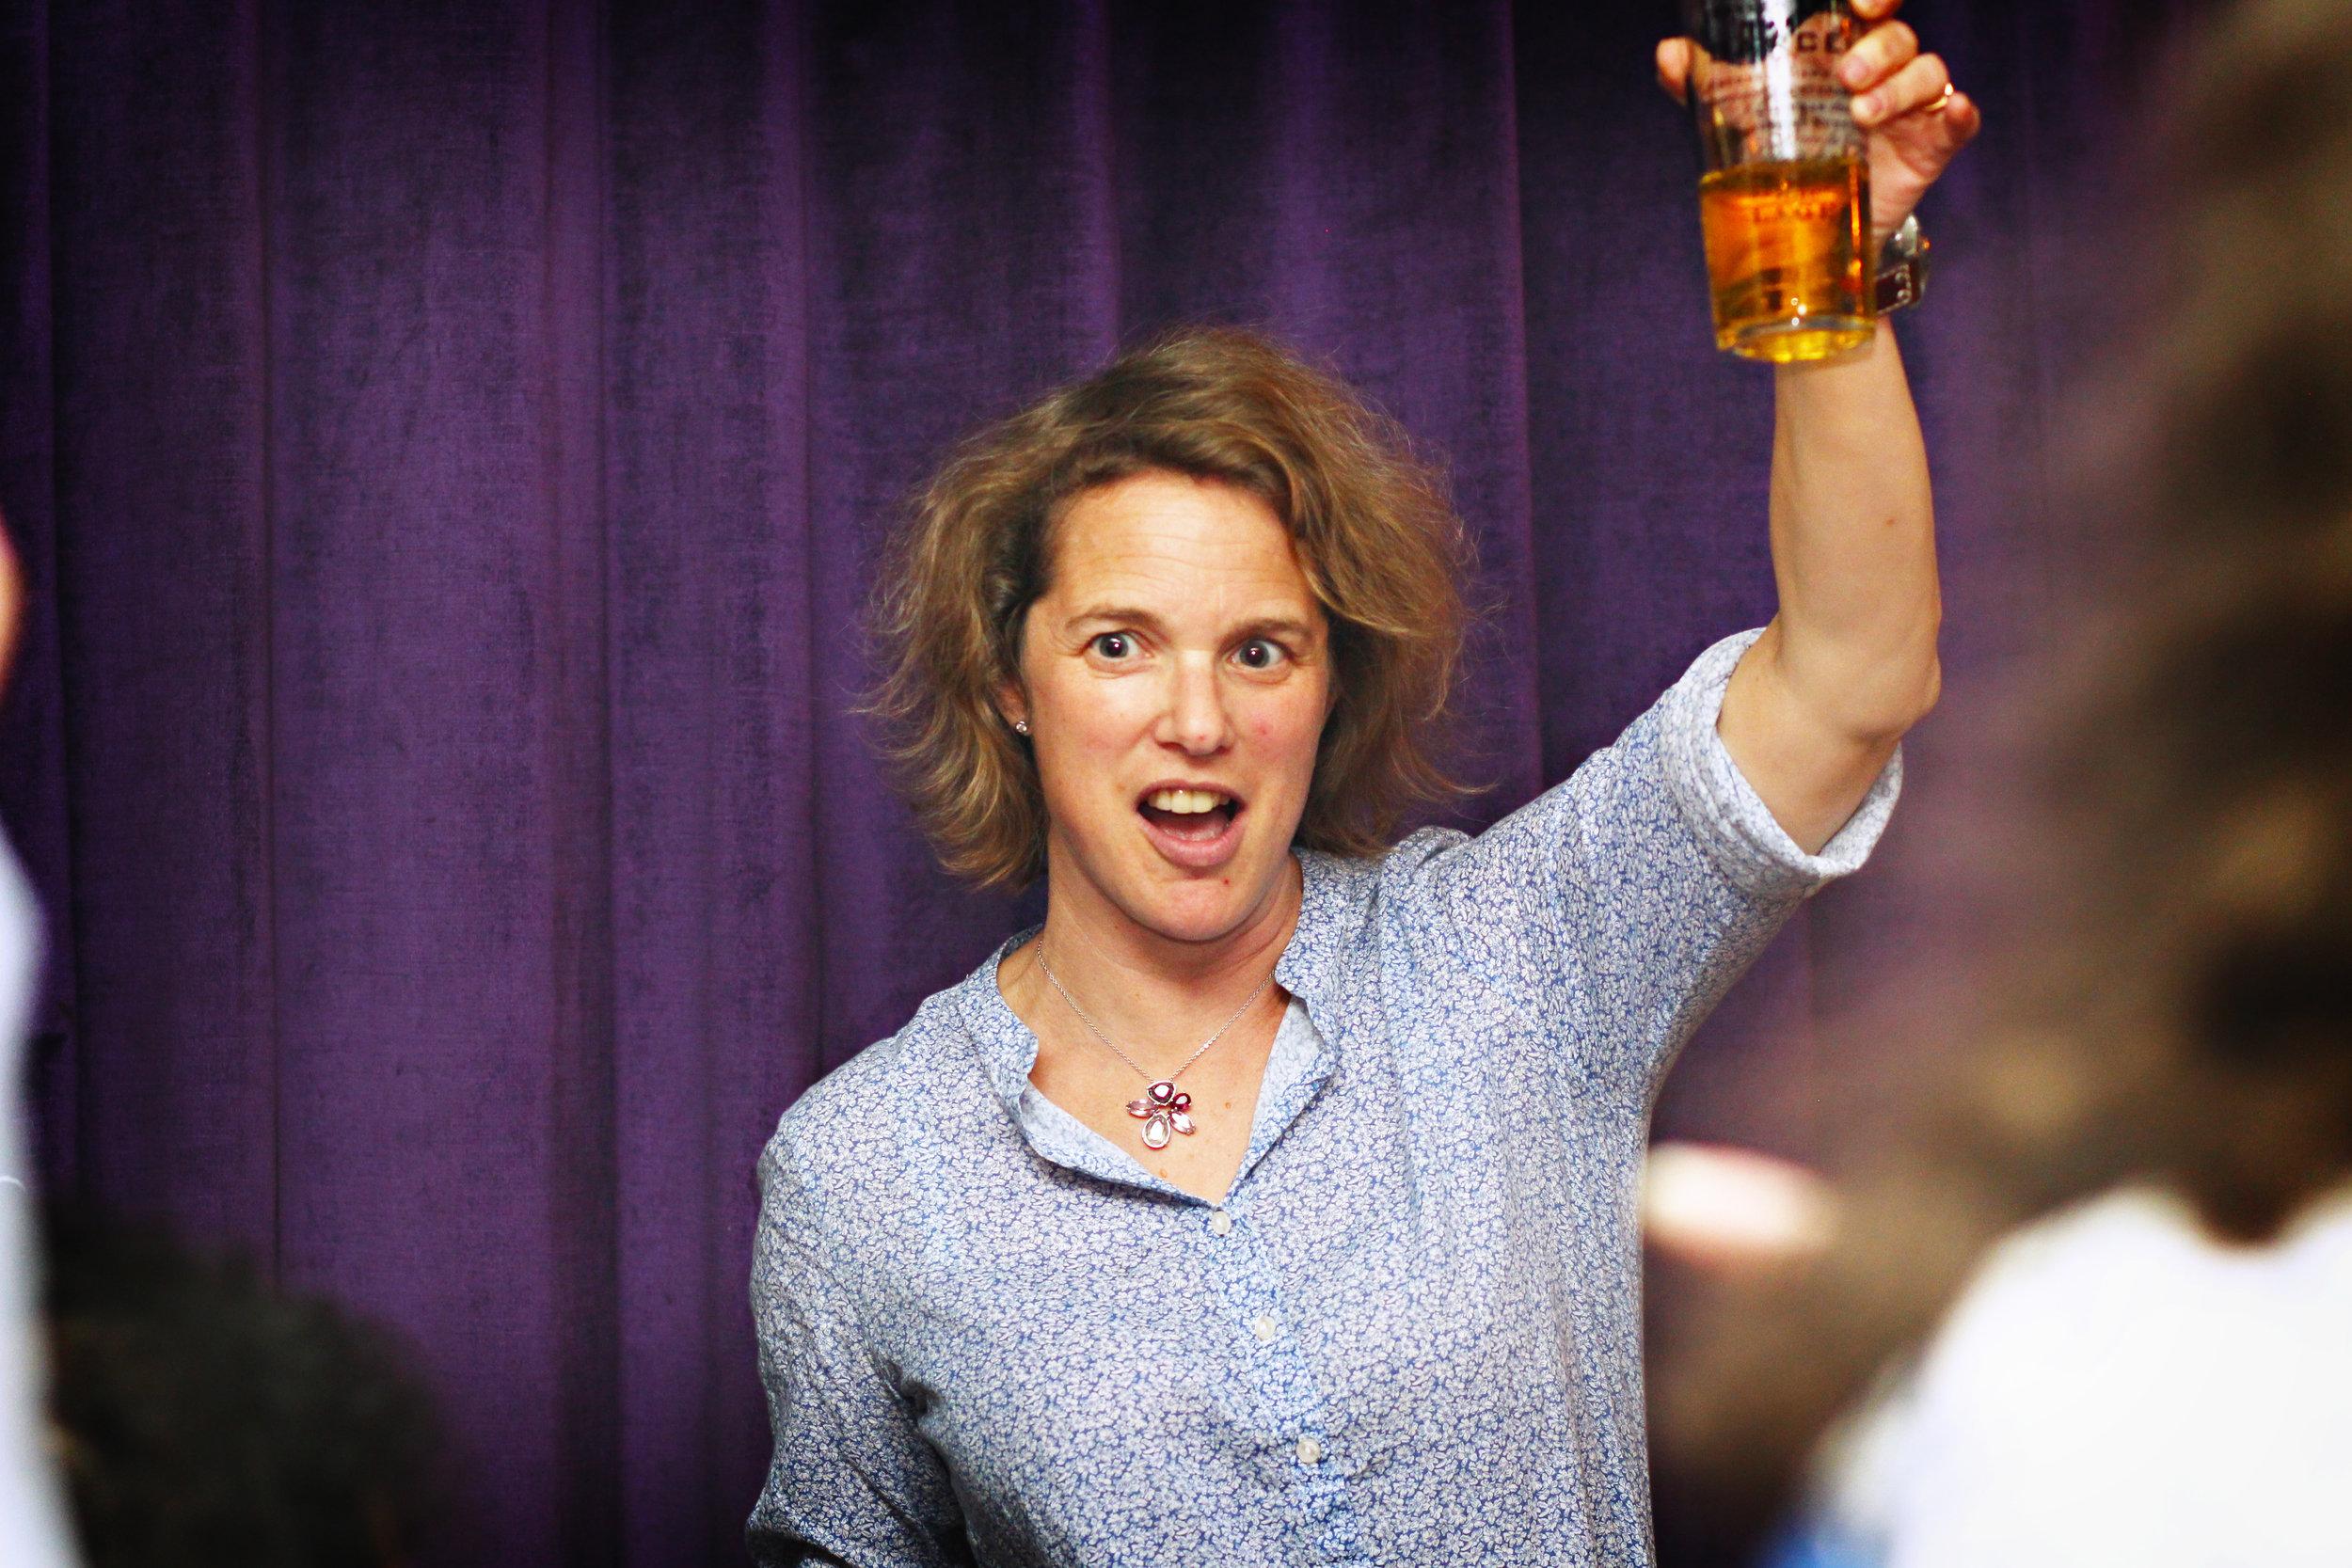 New CEO Alison Grade raises a glass to Pip's tenure